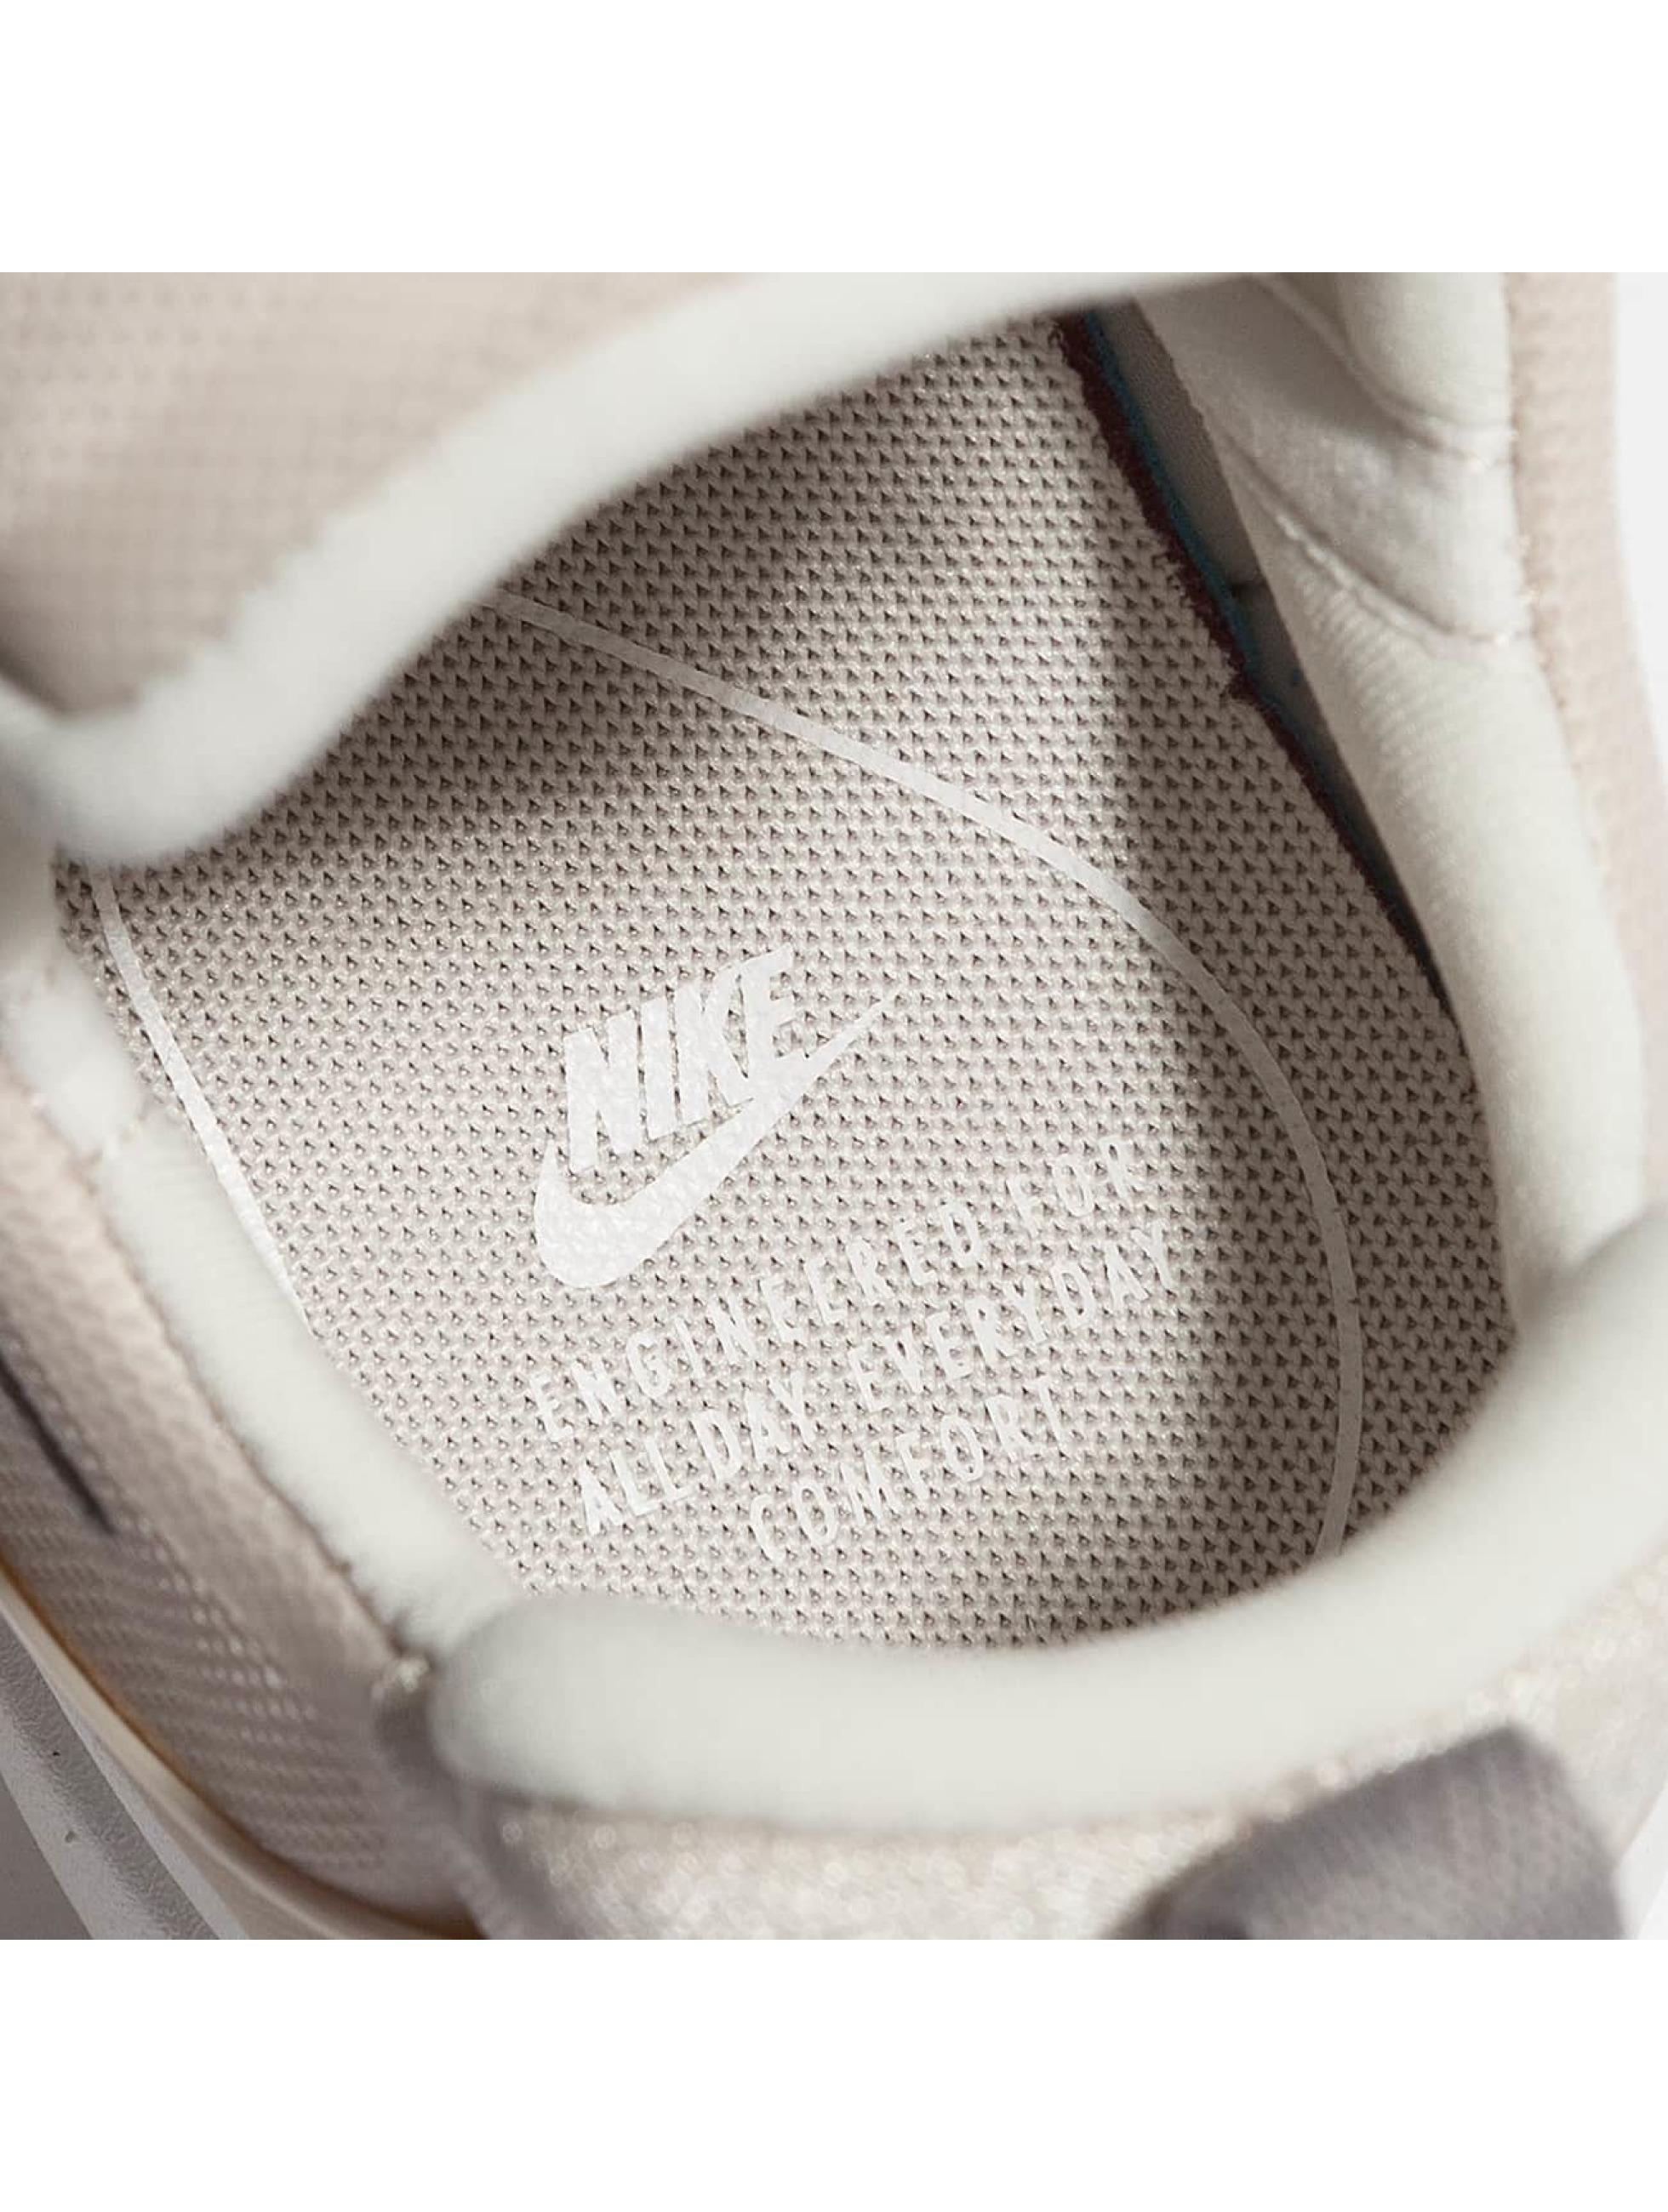 Nike Sneaker Presto Fly beige